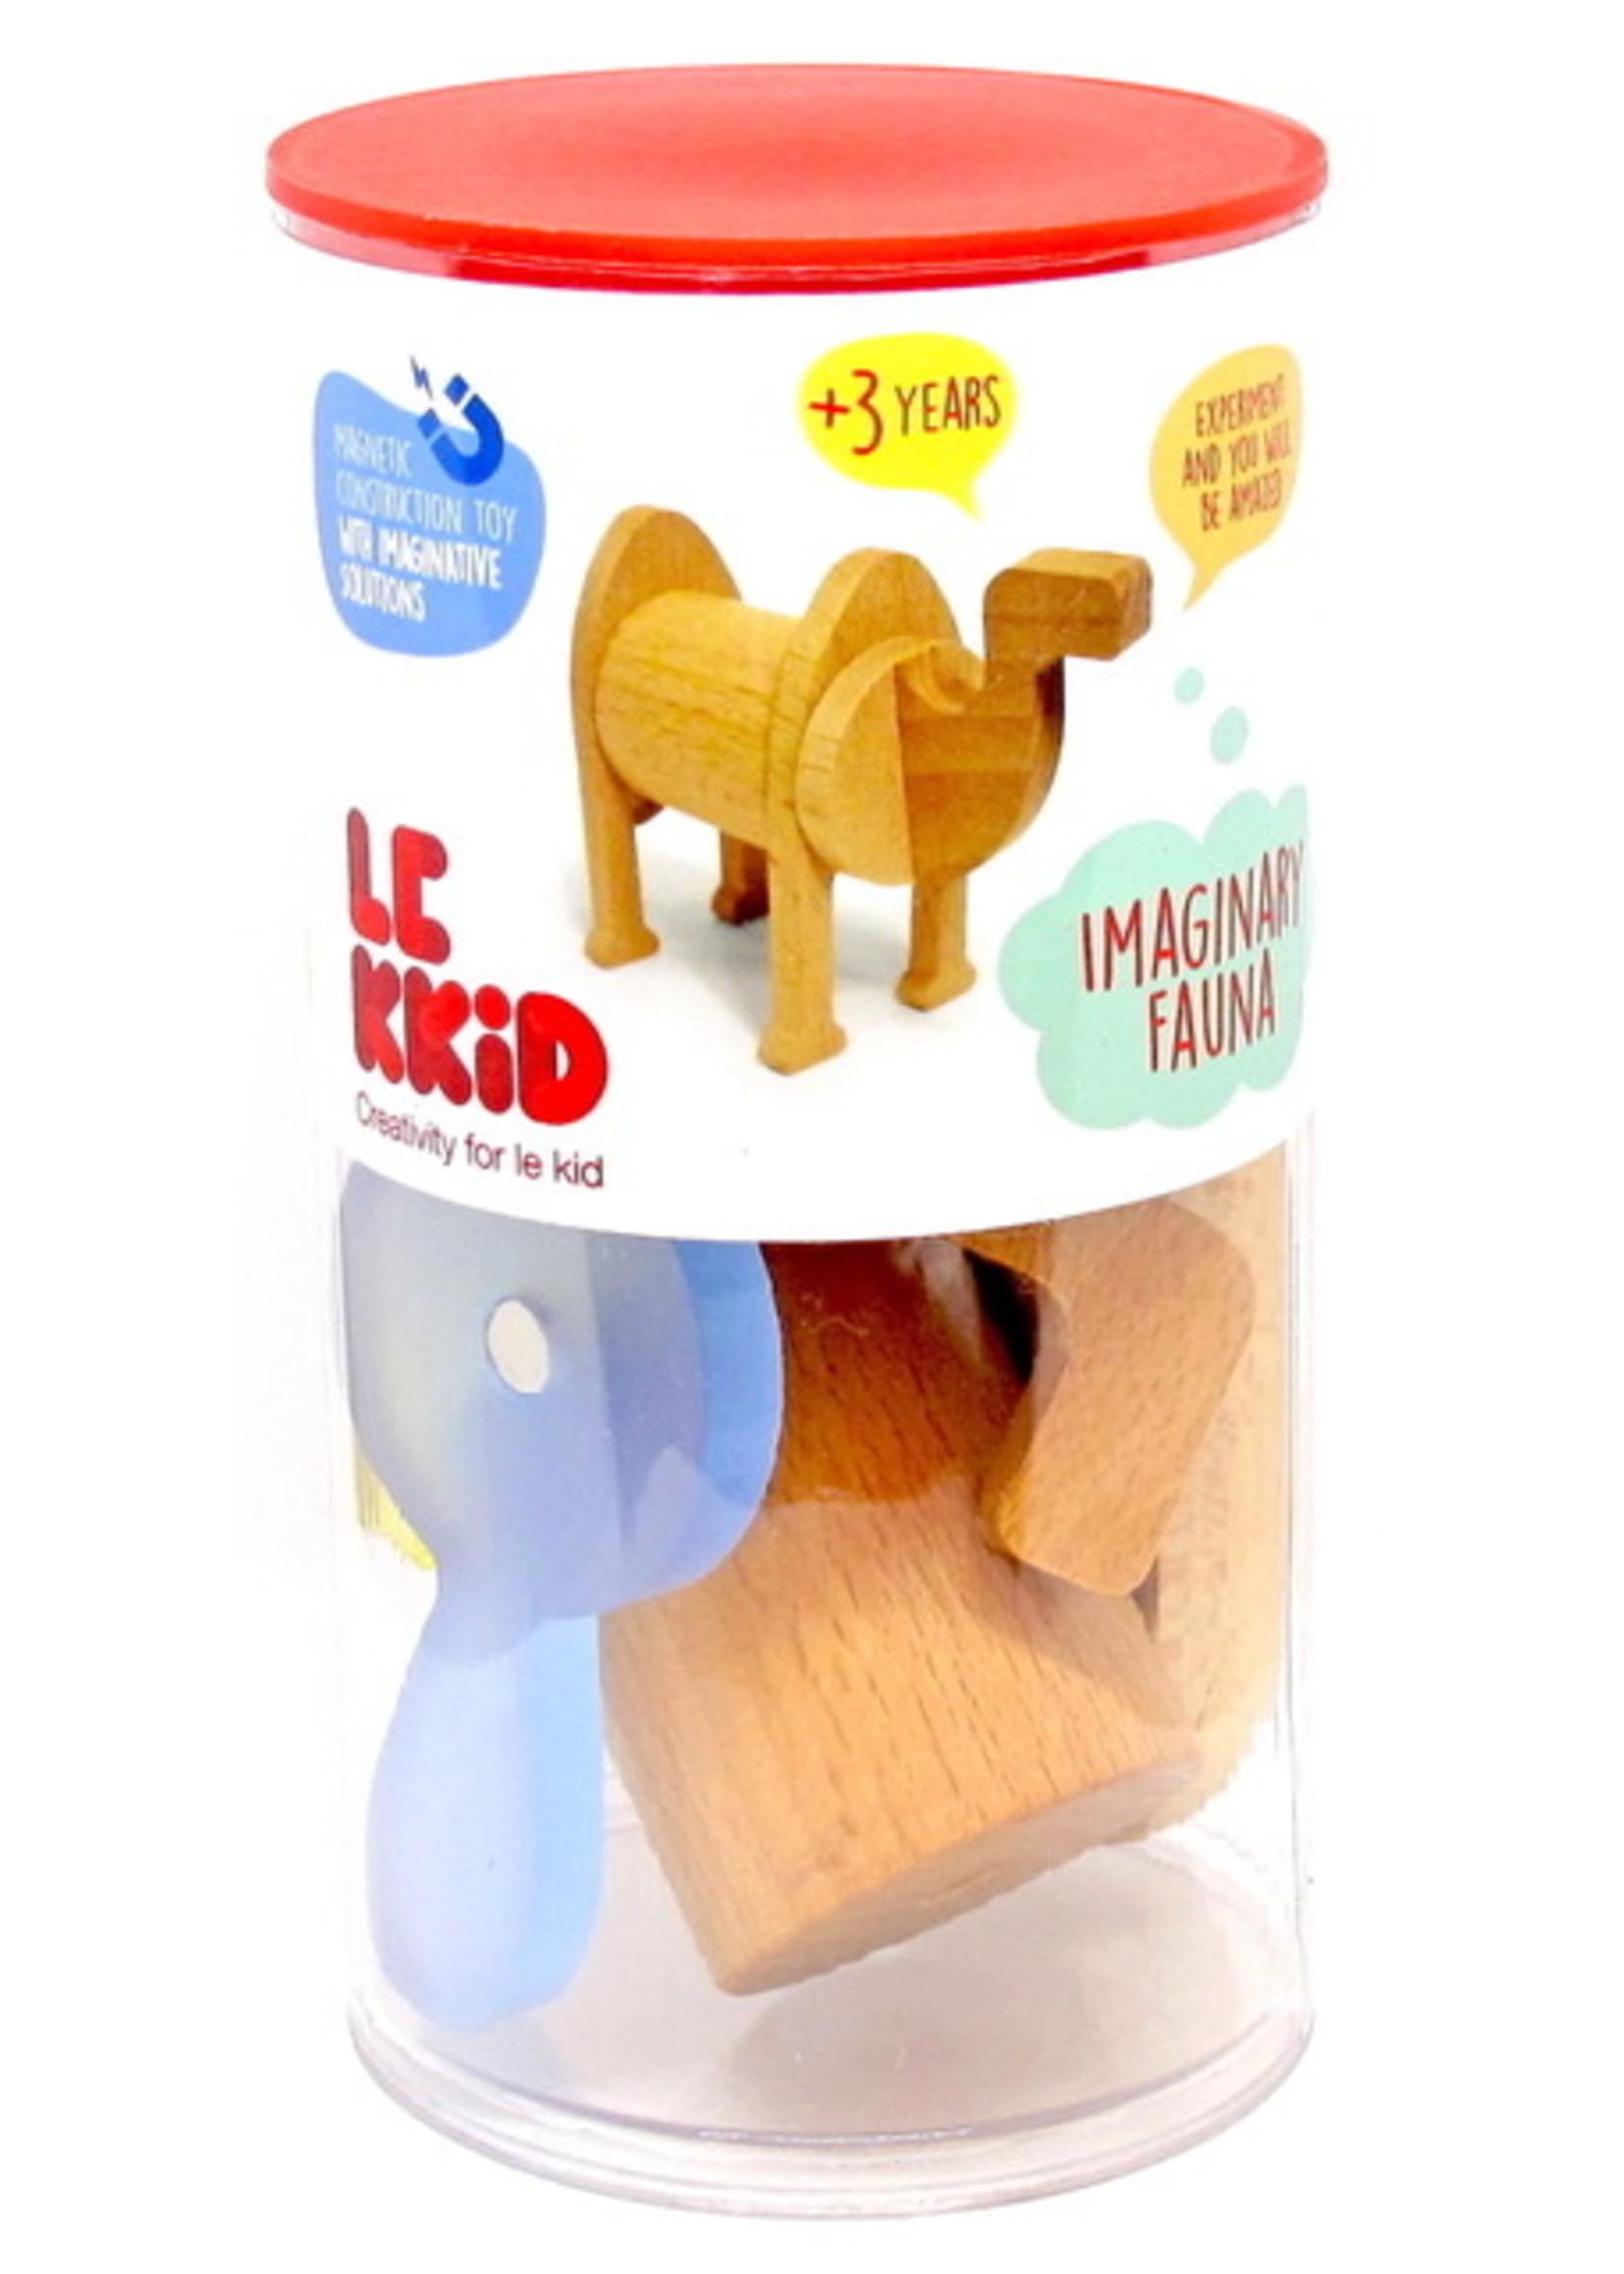 Le kidd Camel